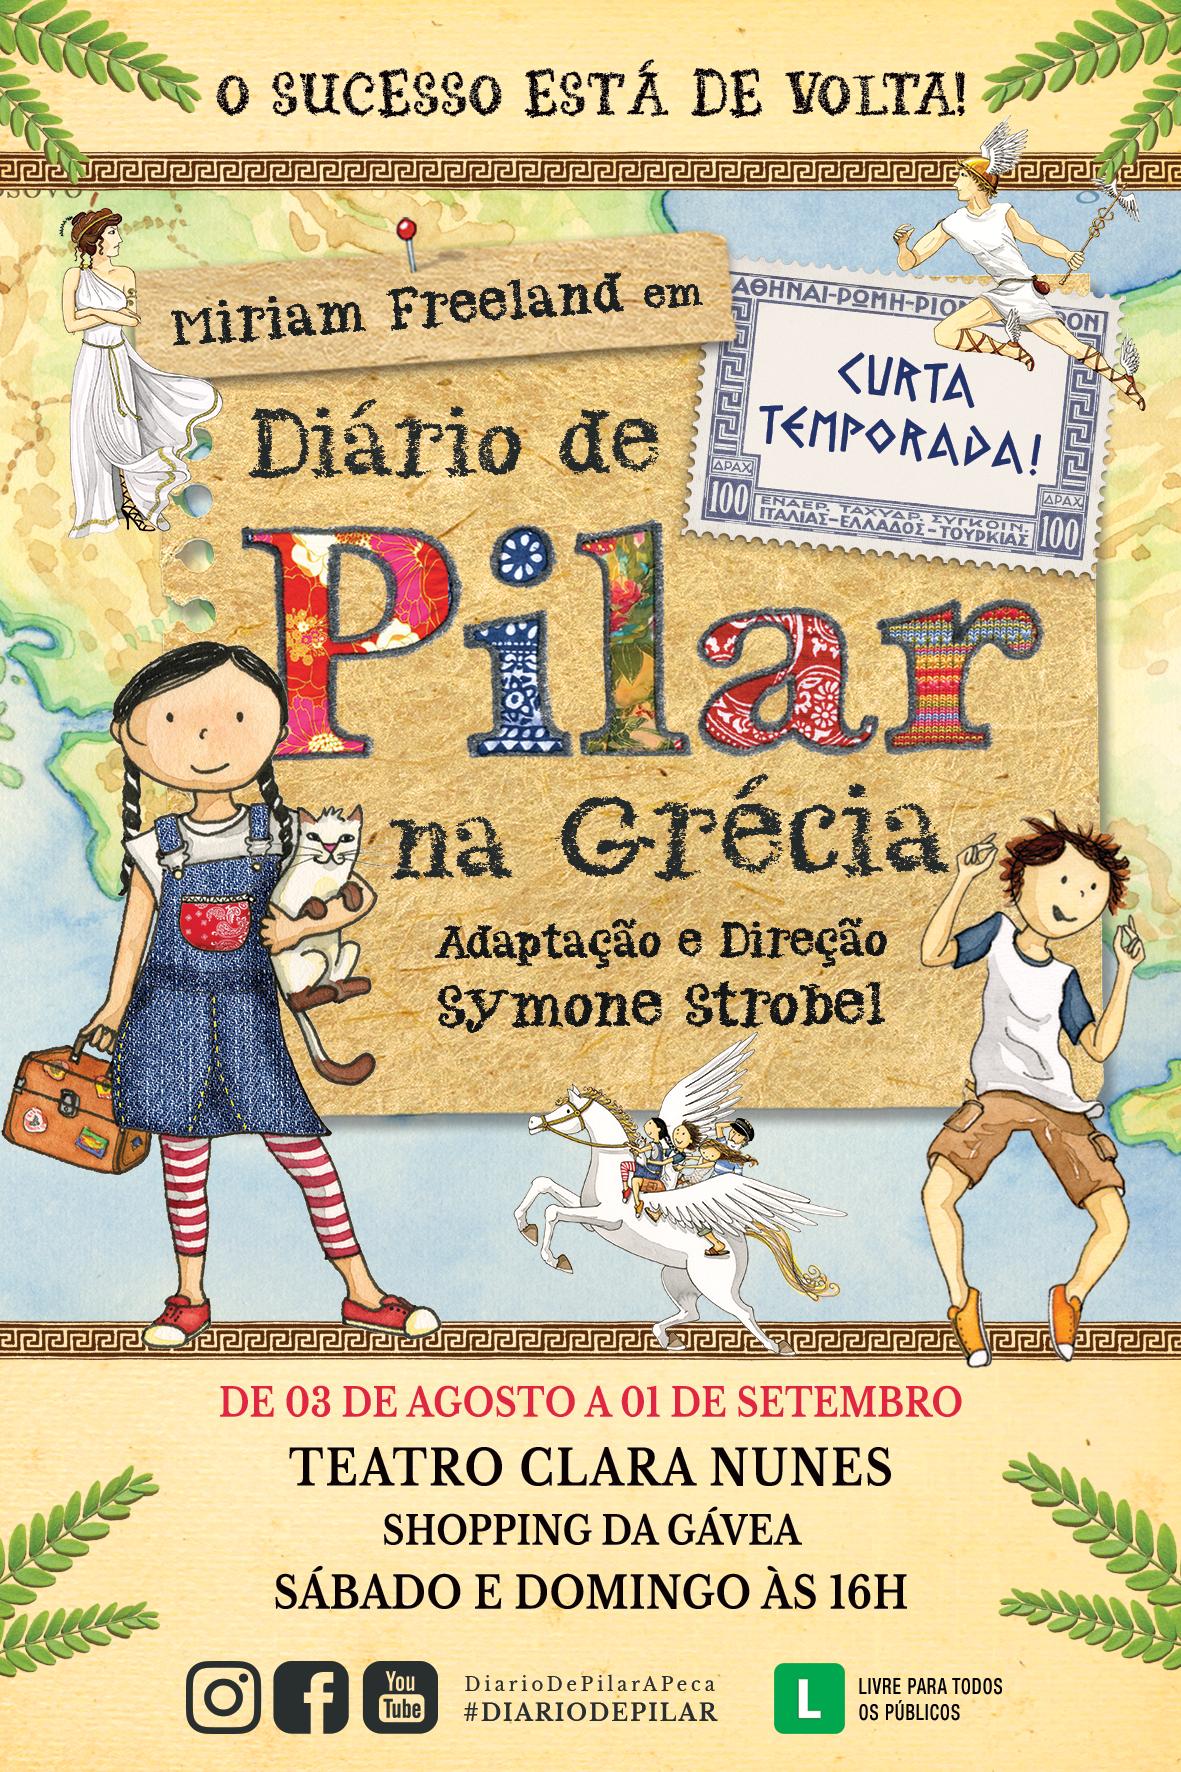 Diário de Pilar na Grécia – Arte & REDE